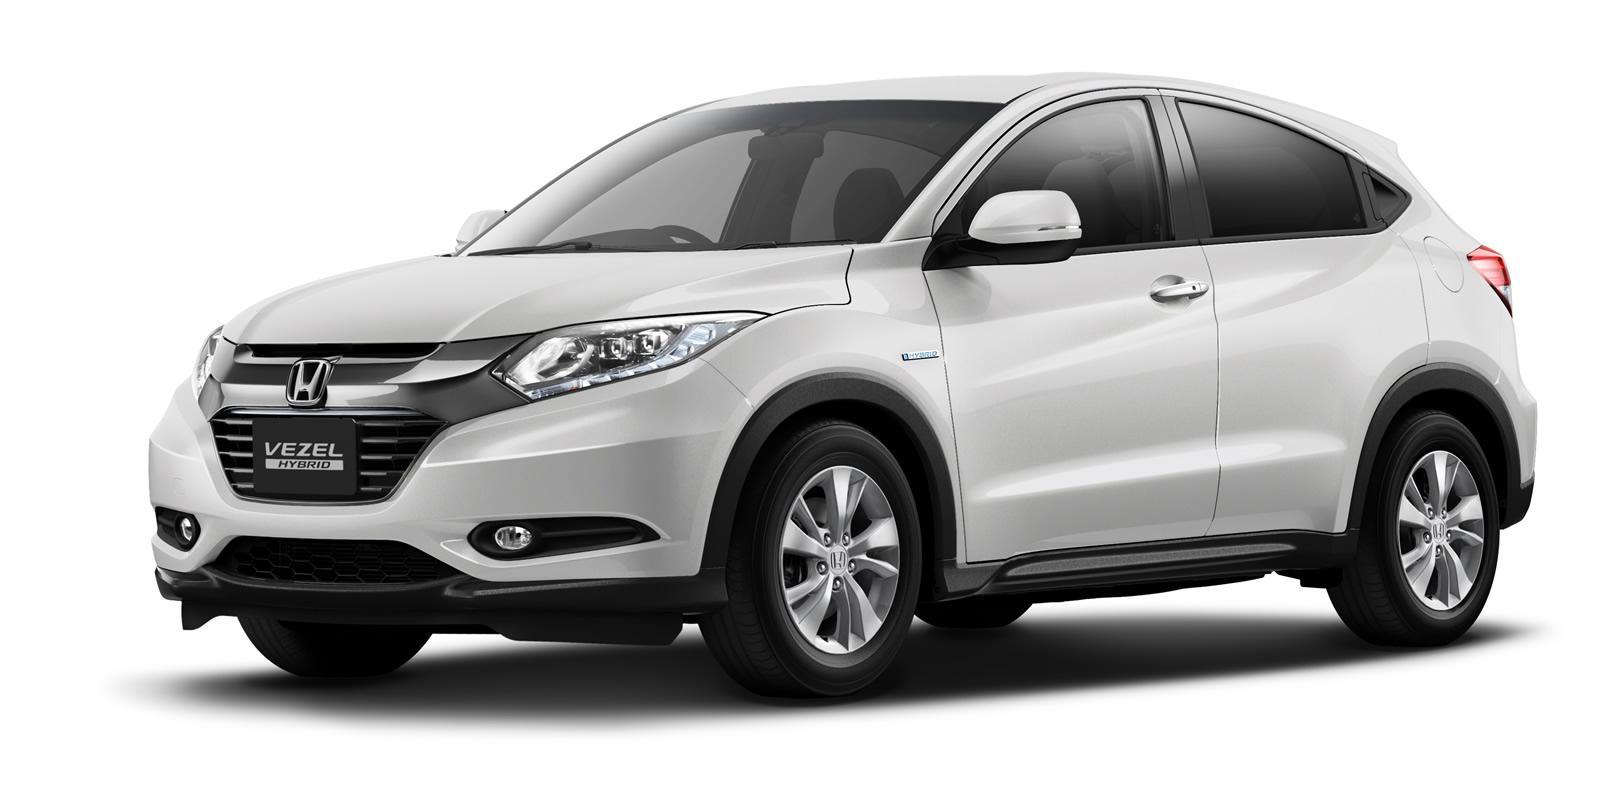 Honda-VEZEL-front-quarter4.jpg